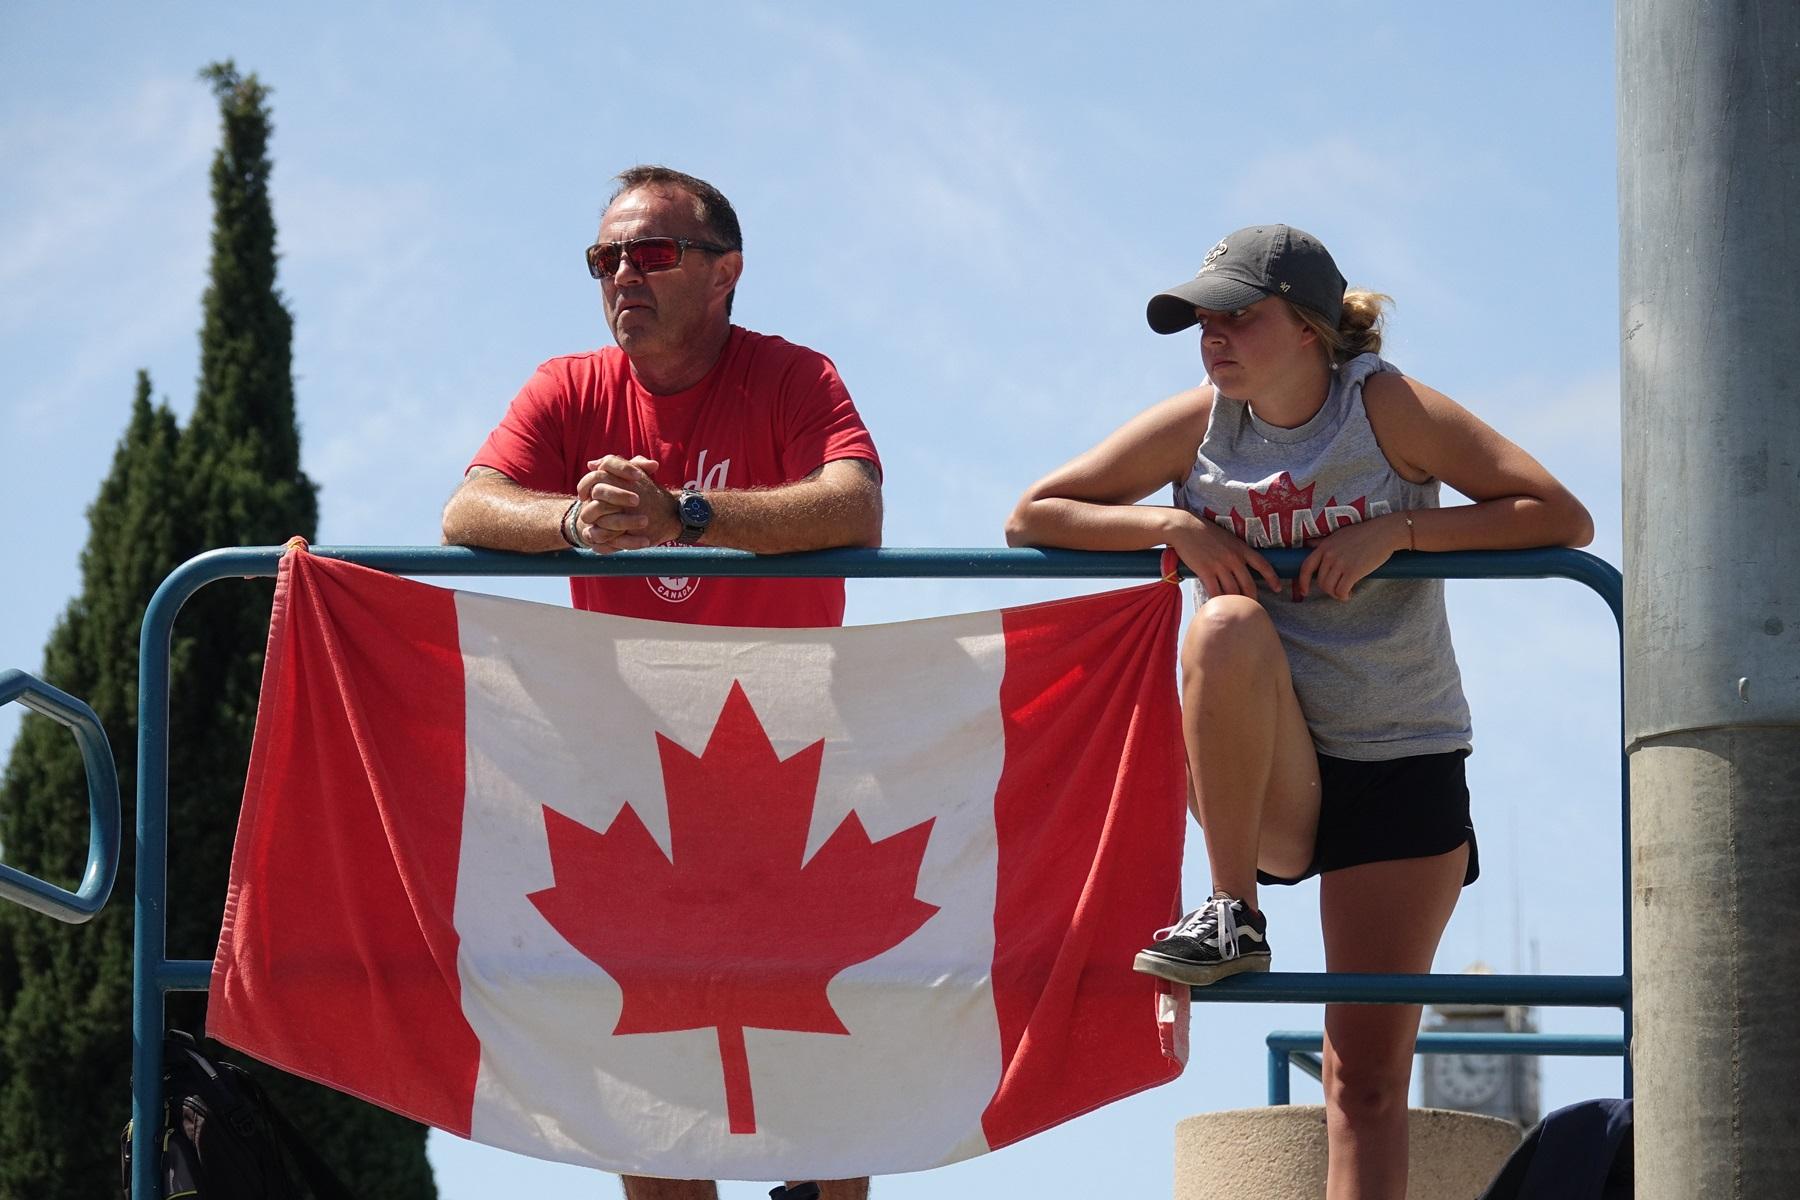 Canada fans ready